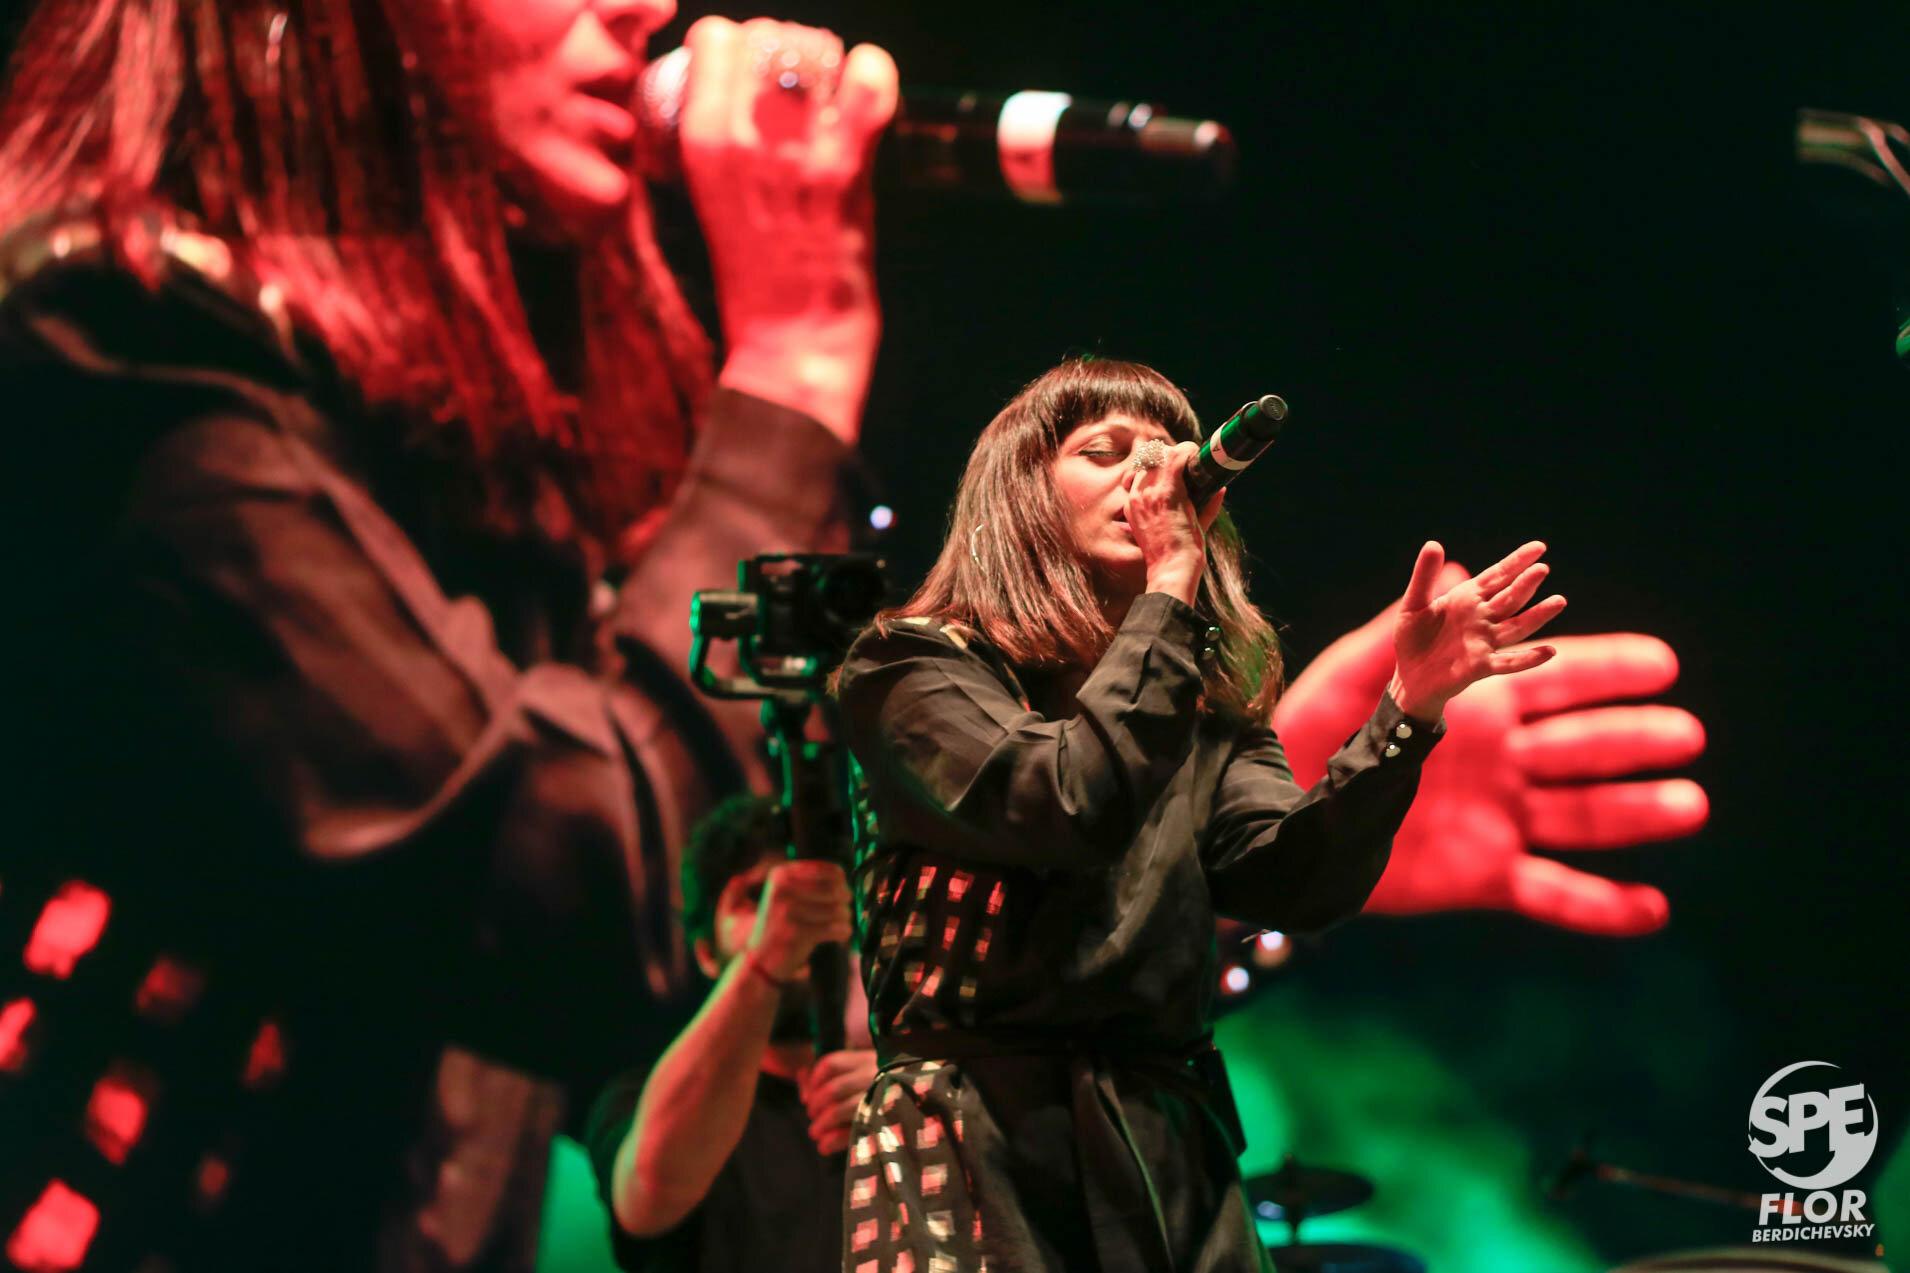 La banda Hana participa del Festival Futurock en el estadio Malvinas Argentinas, el 28 de Septiembre de 2019. El festival estuvo organizado por la radio Futurock. Foto de: Florencia Berdichevsky